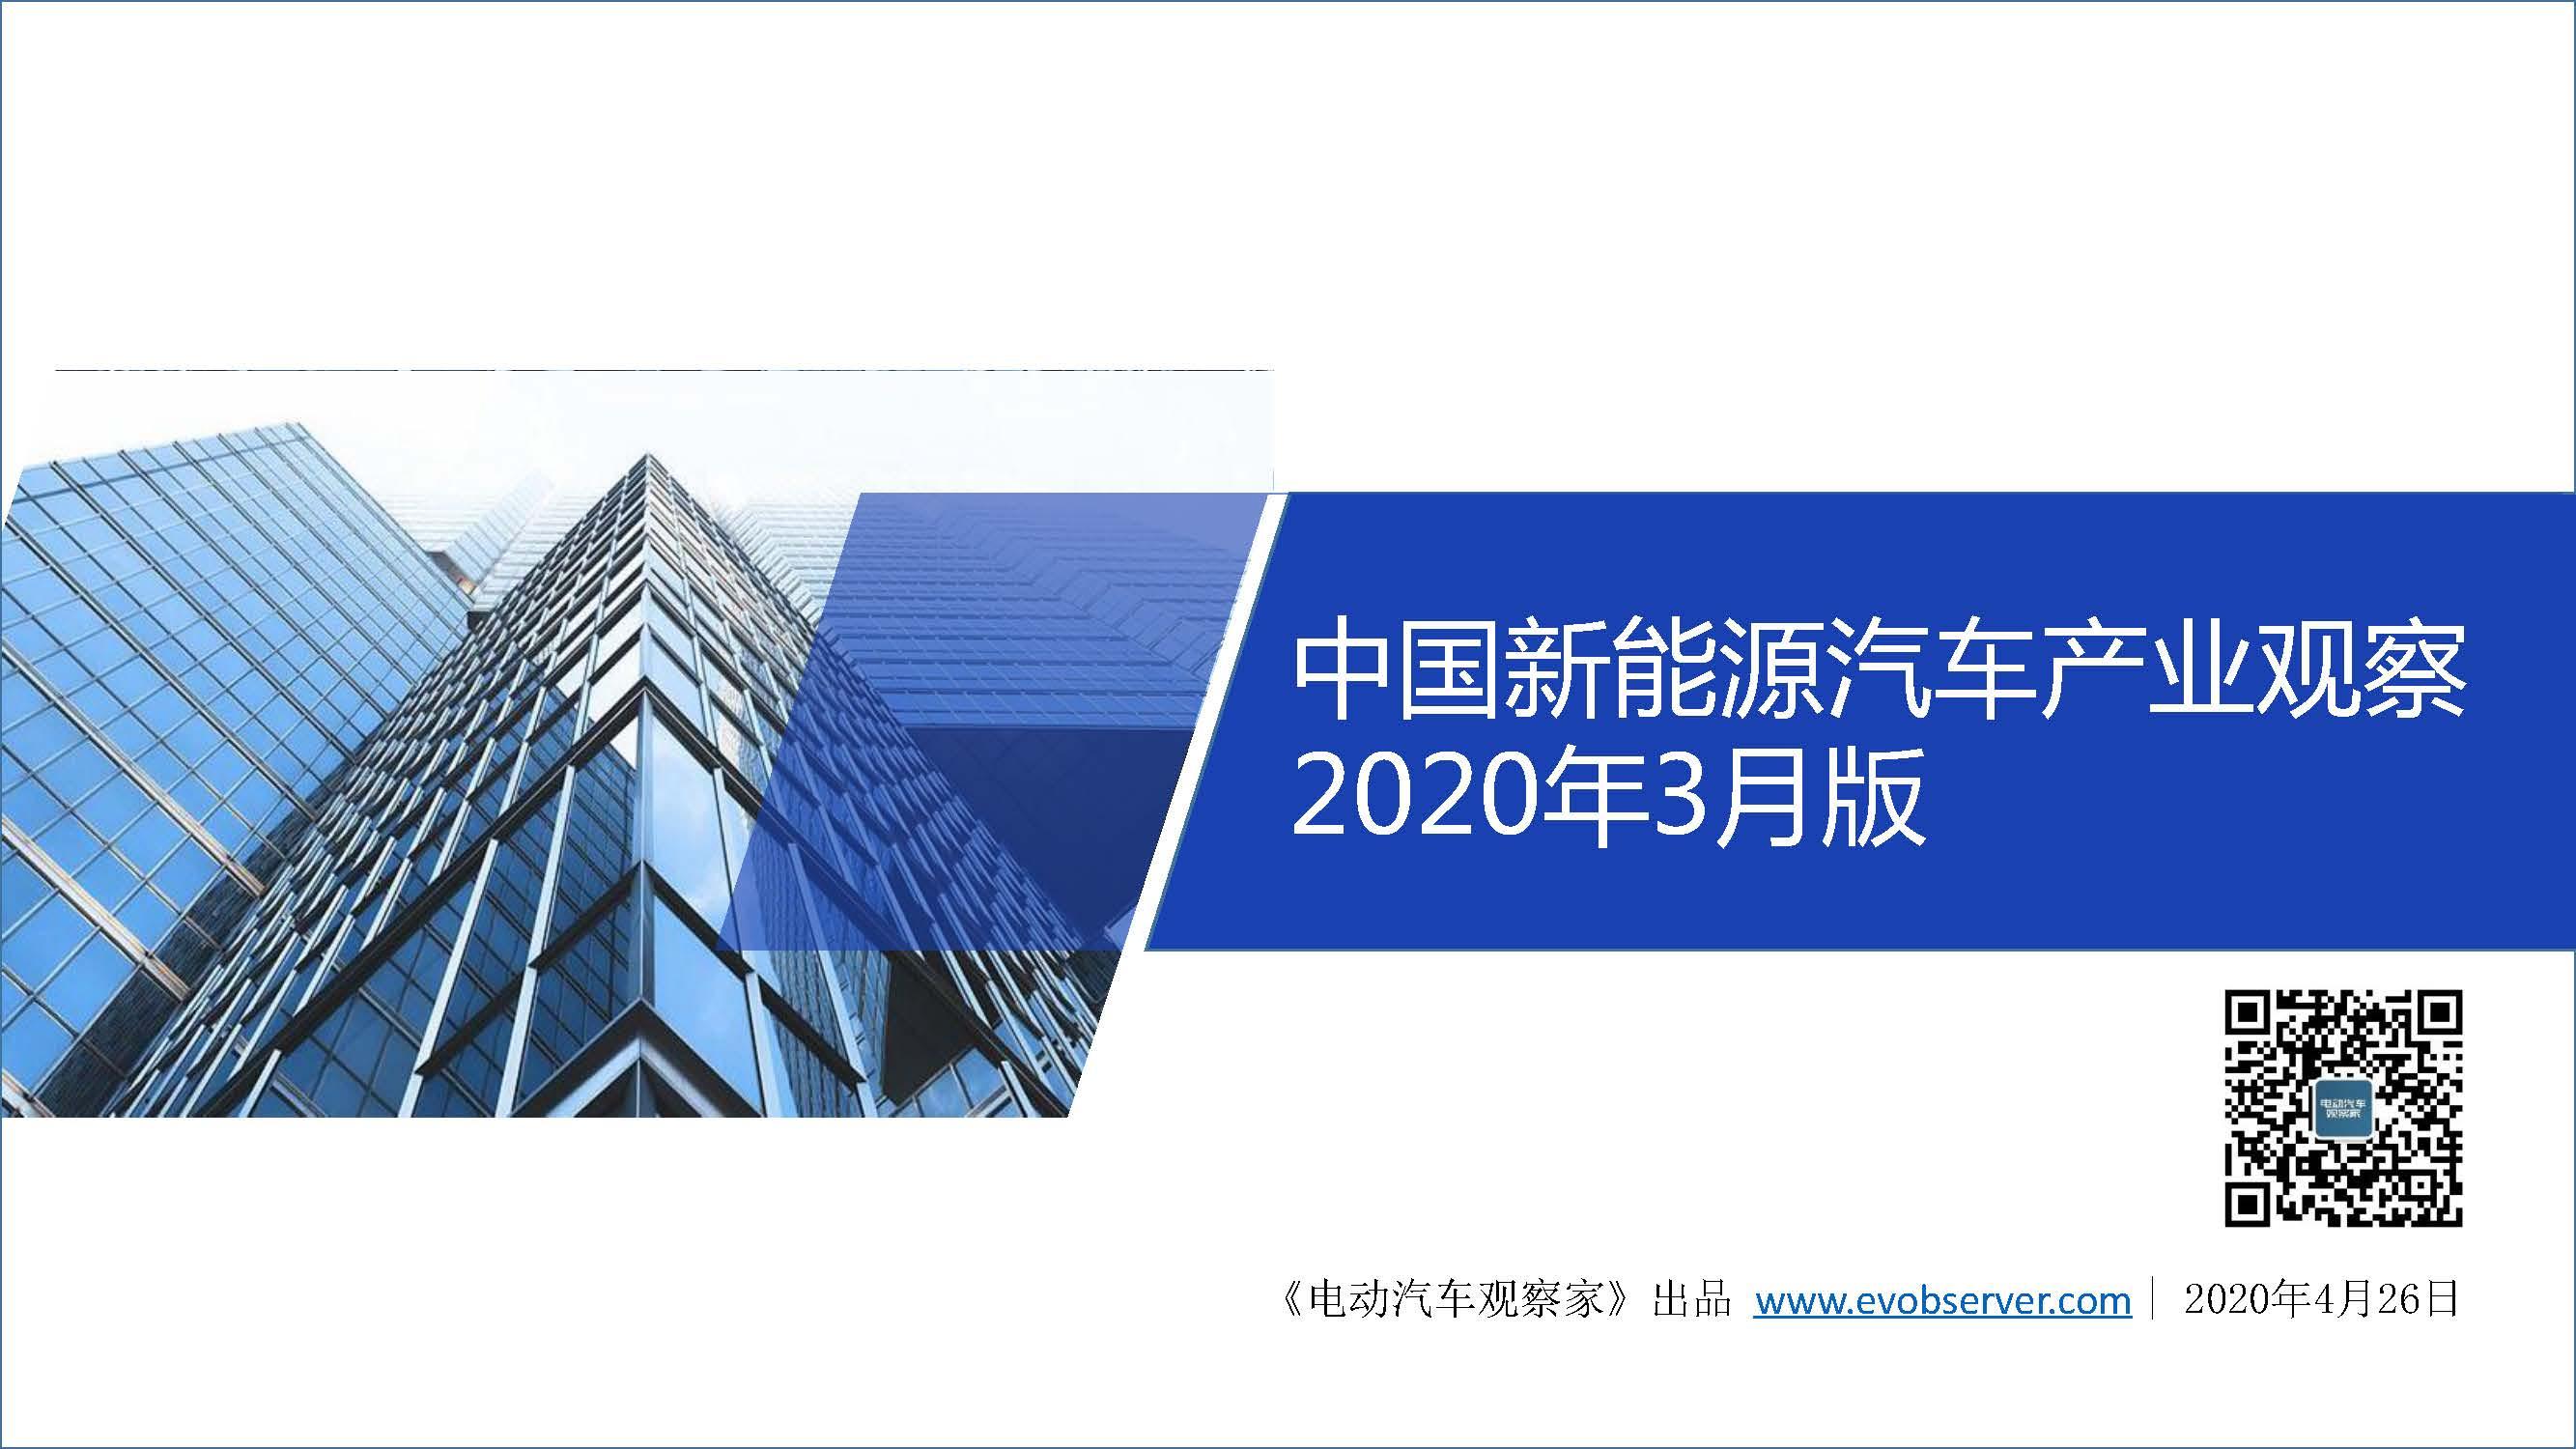 PPT:中国新能源汽车产业观察2020年3月简版